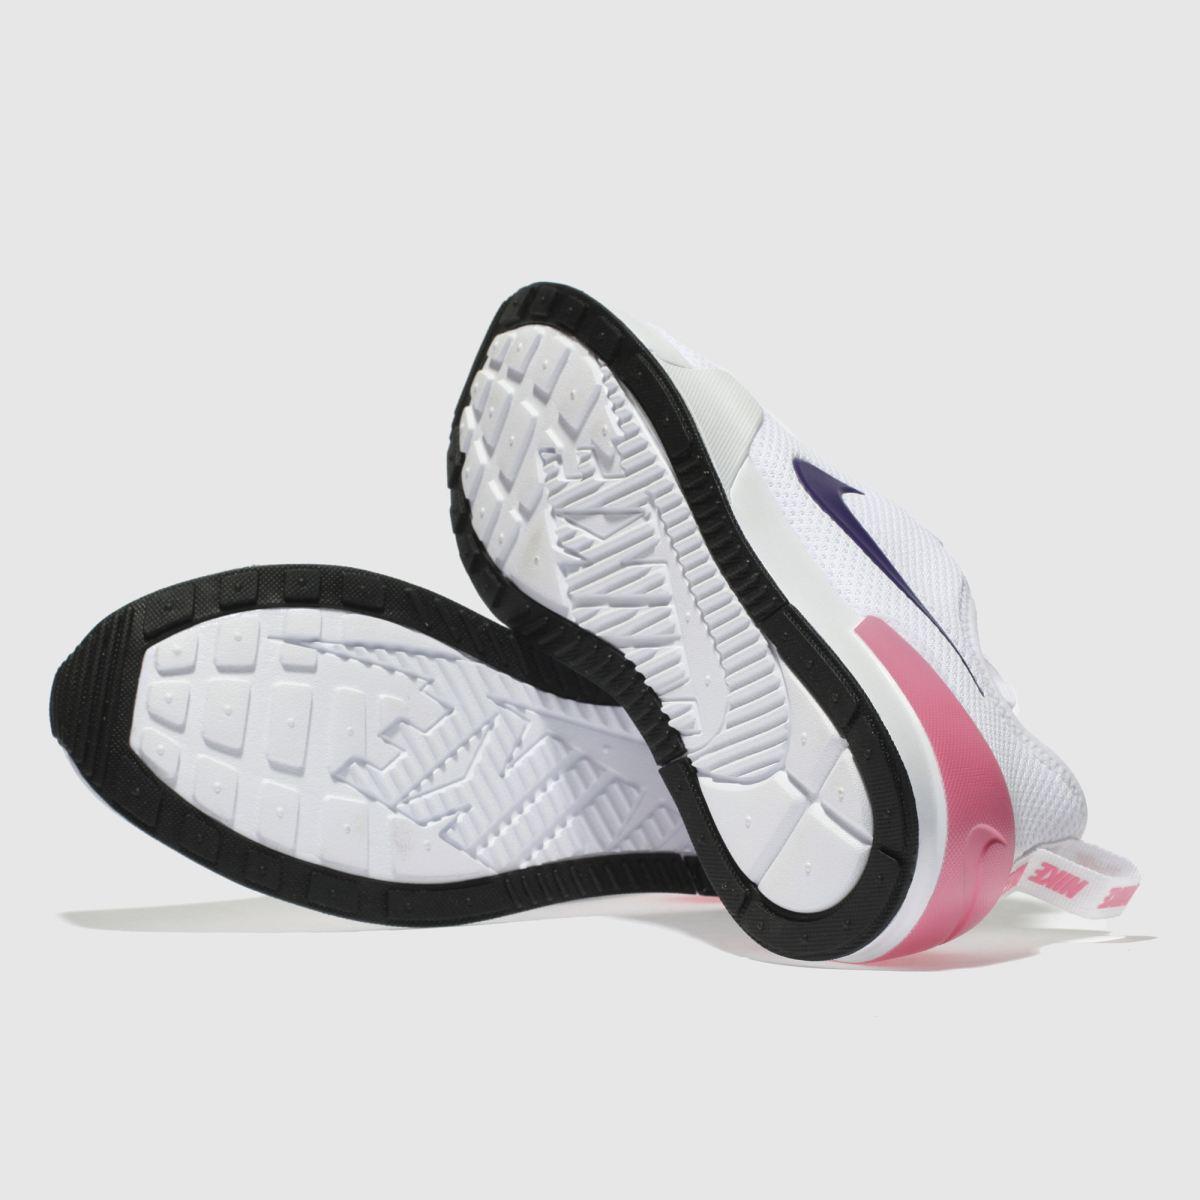 Damen Sneaker Weiß-lila nike Ashin Modern Sneaker Damen | schuh Gute Qualität beliebte Schuhe 0a6cda